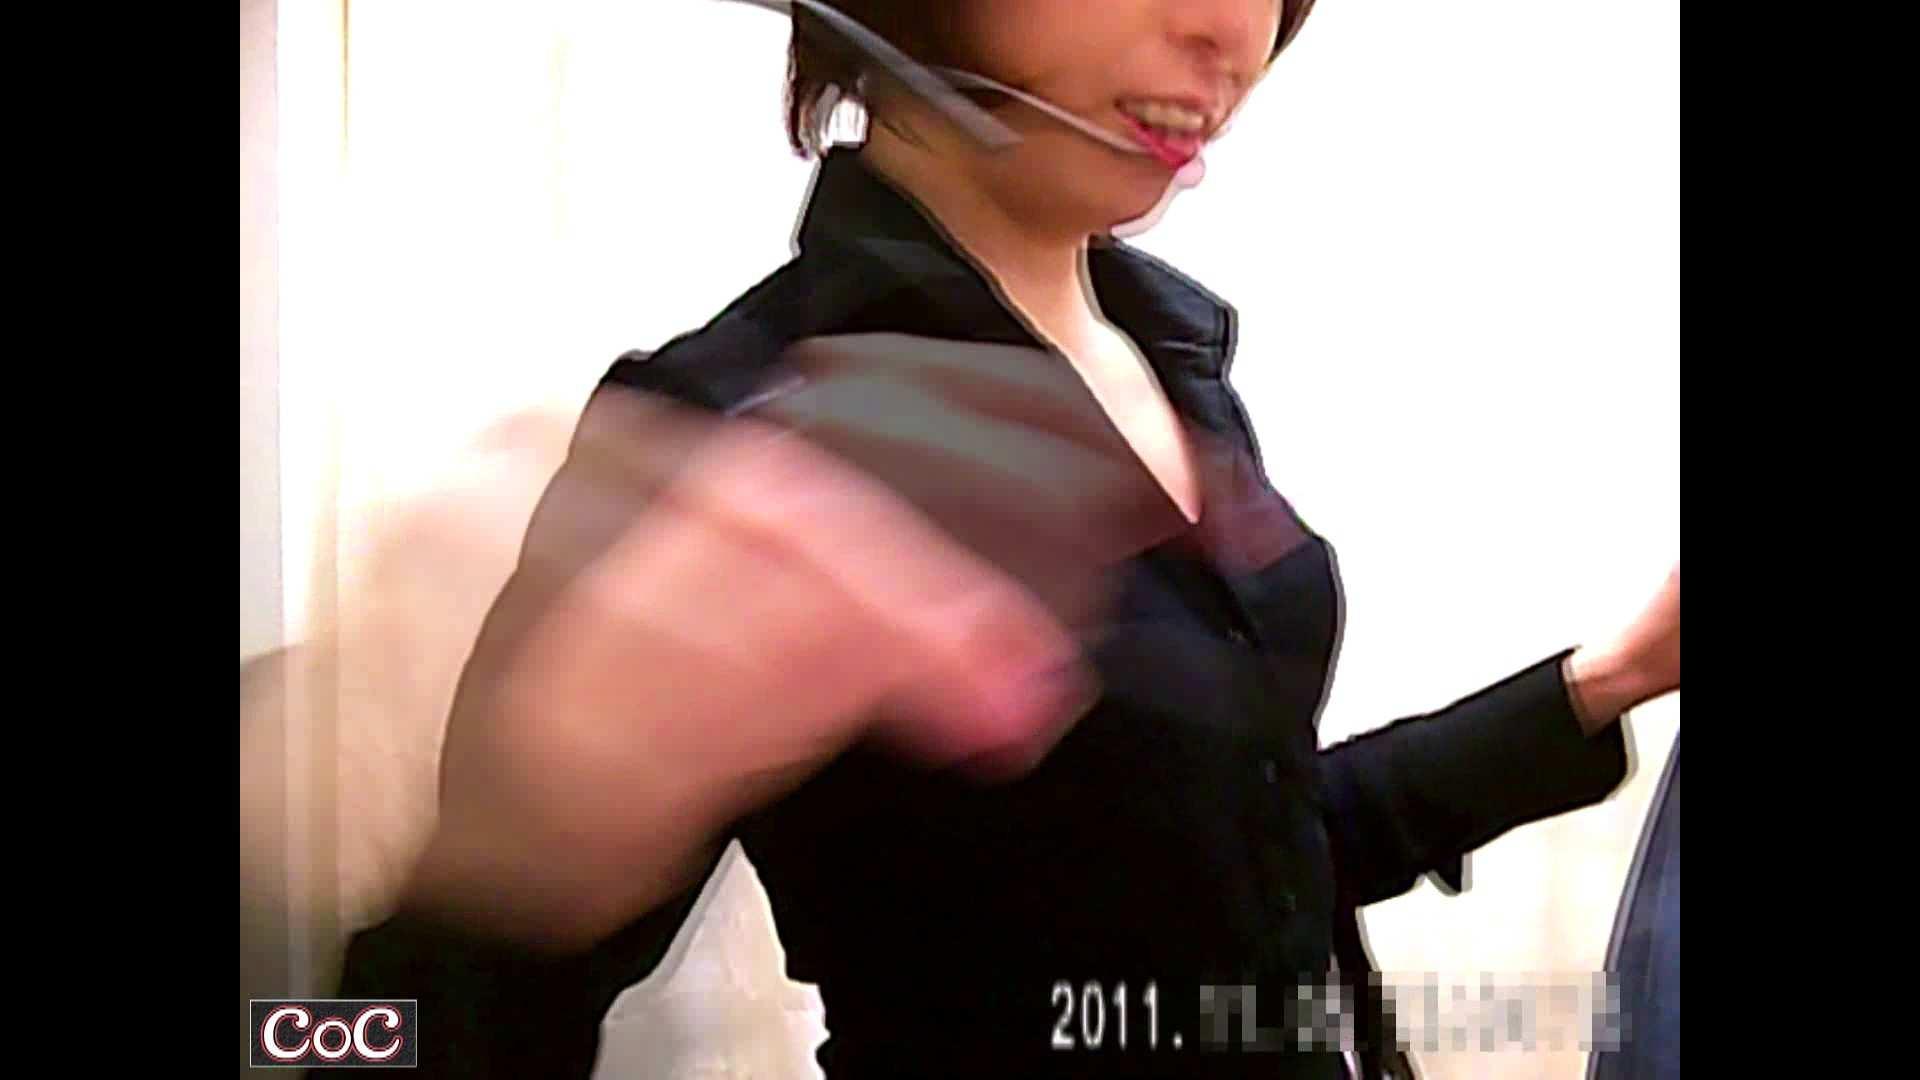 元医者による反抗 更衣室地獄絵巻 vol.214 OLハメ撮り  37Pix 34